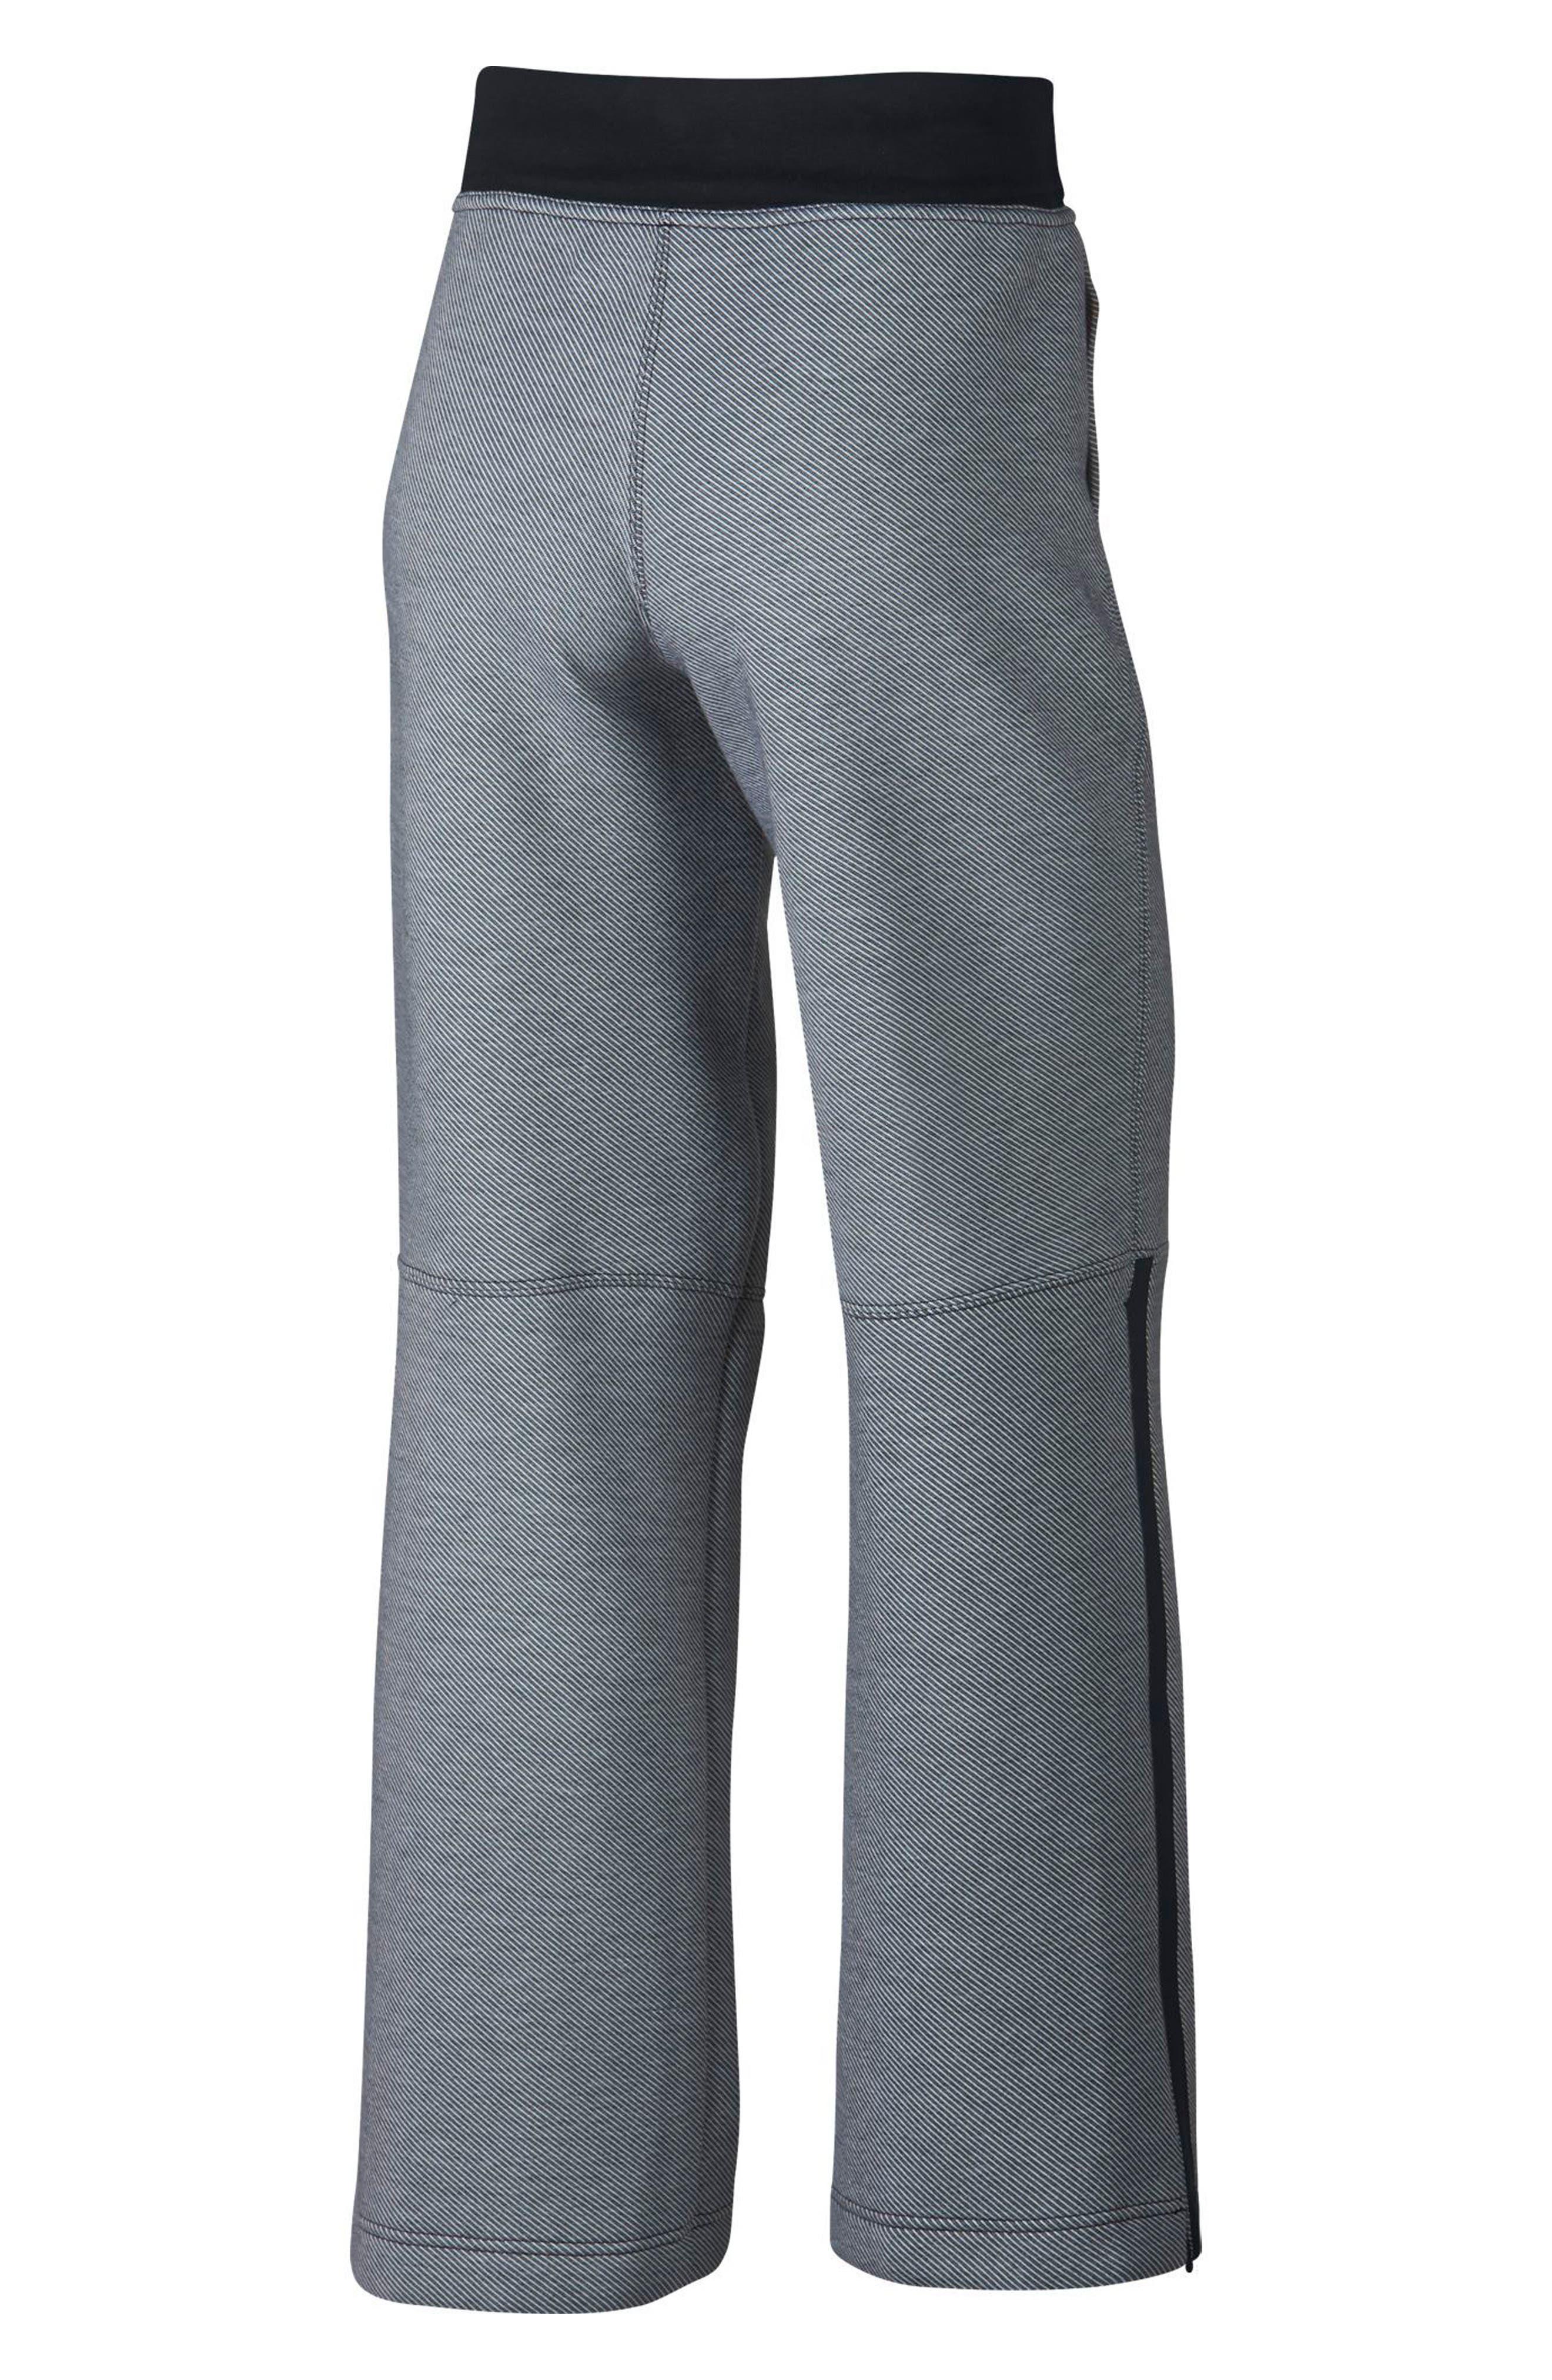 Drawstring Technical Pants,                             Alternate thumbnail 9, color,                             Black/ Black